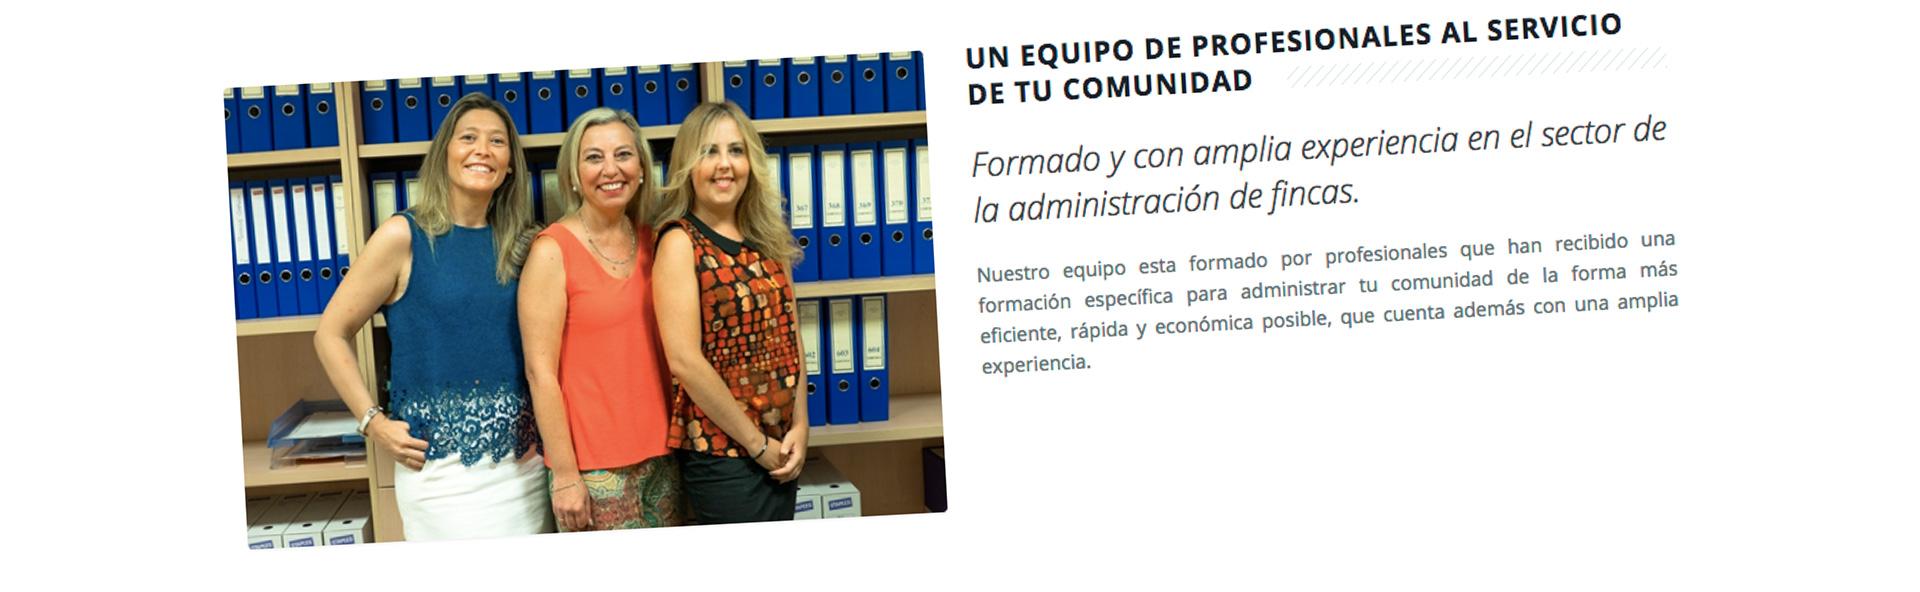 Administración de fincas en Huelva y costa